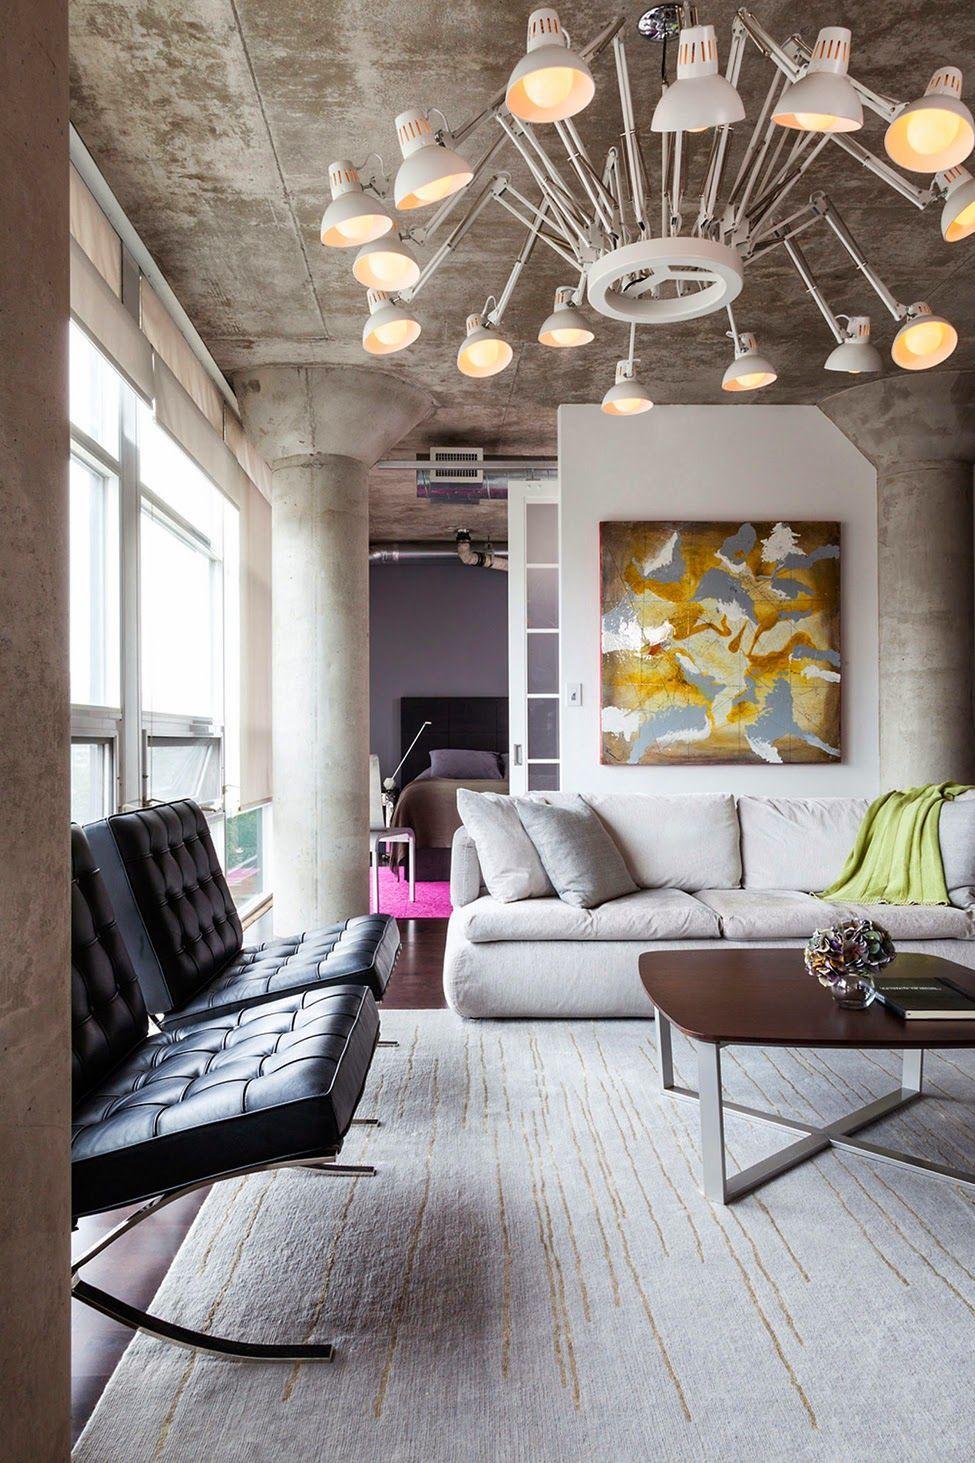 Люстра в стиле лофт в гостиной